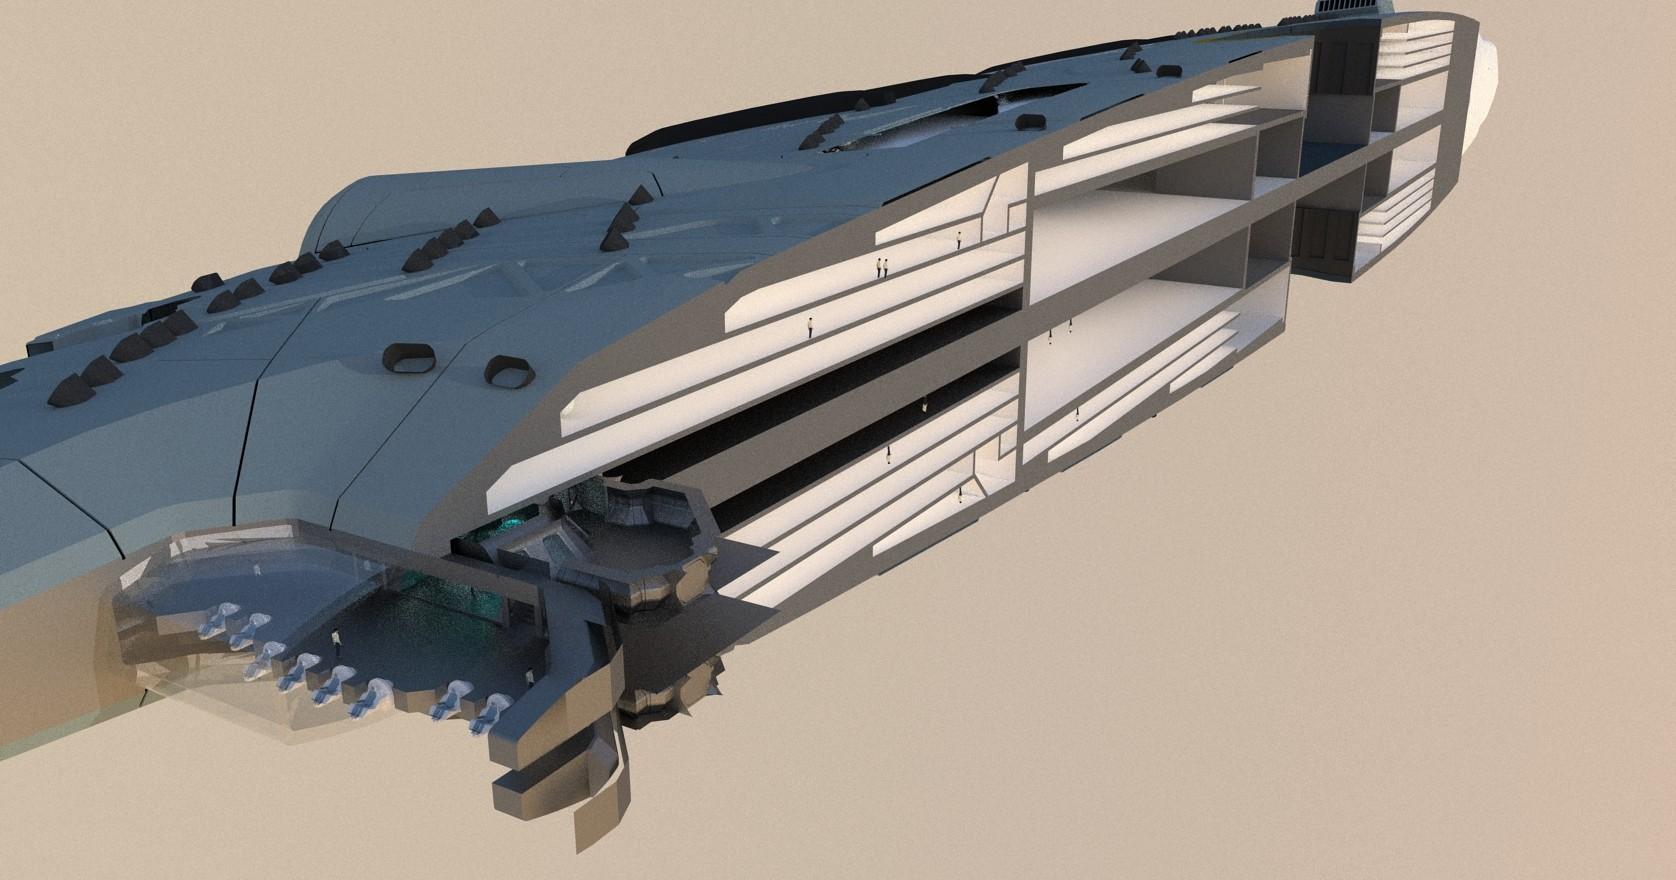 Joachim sverd battlecruisercressida interiortest 3